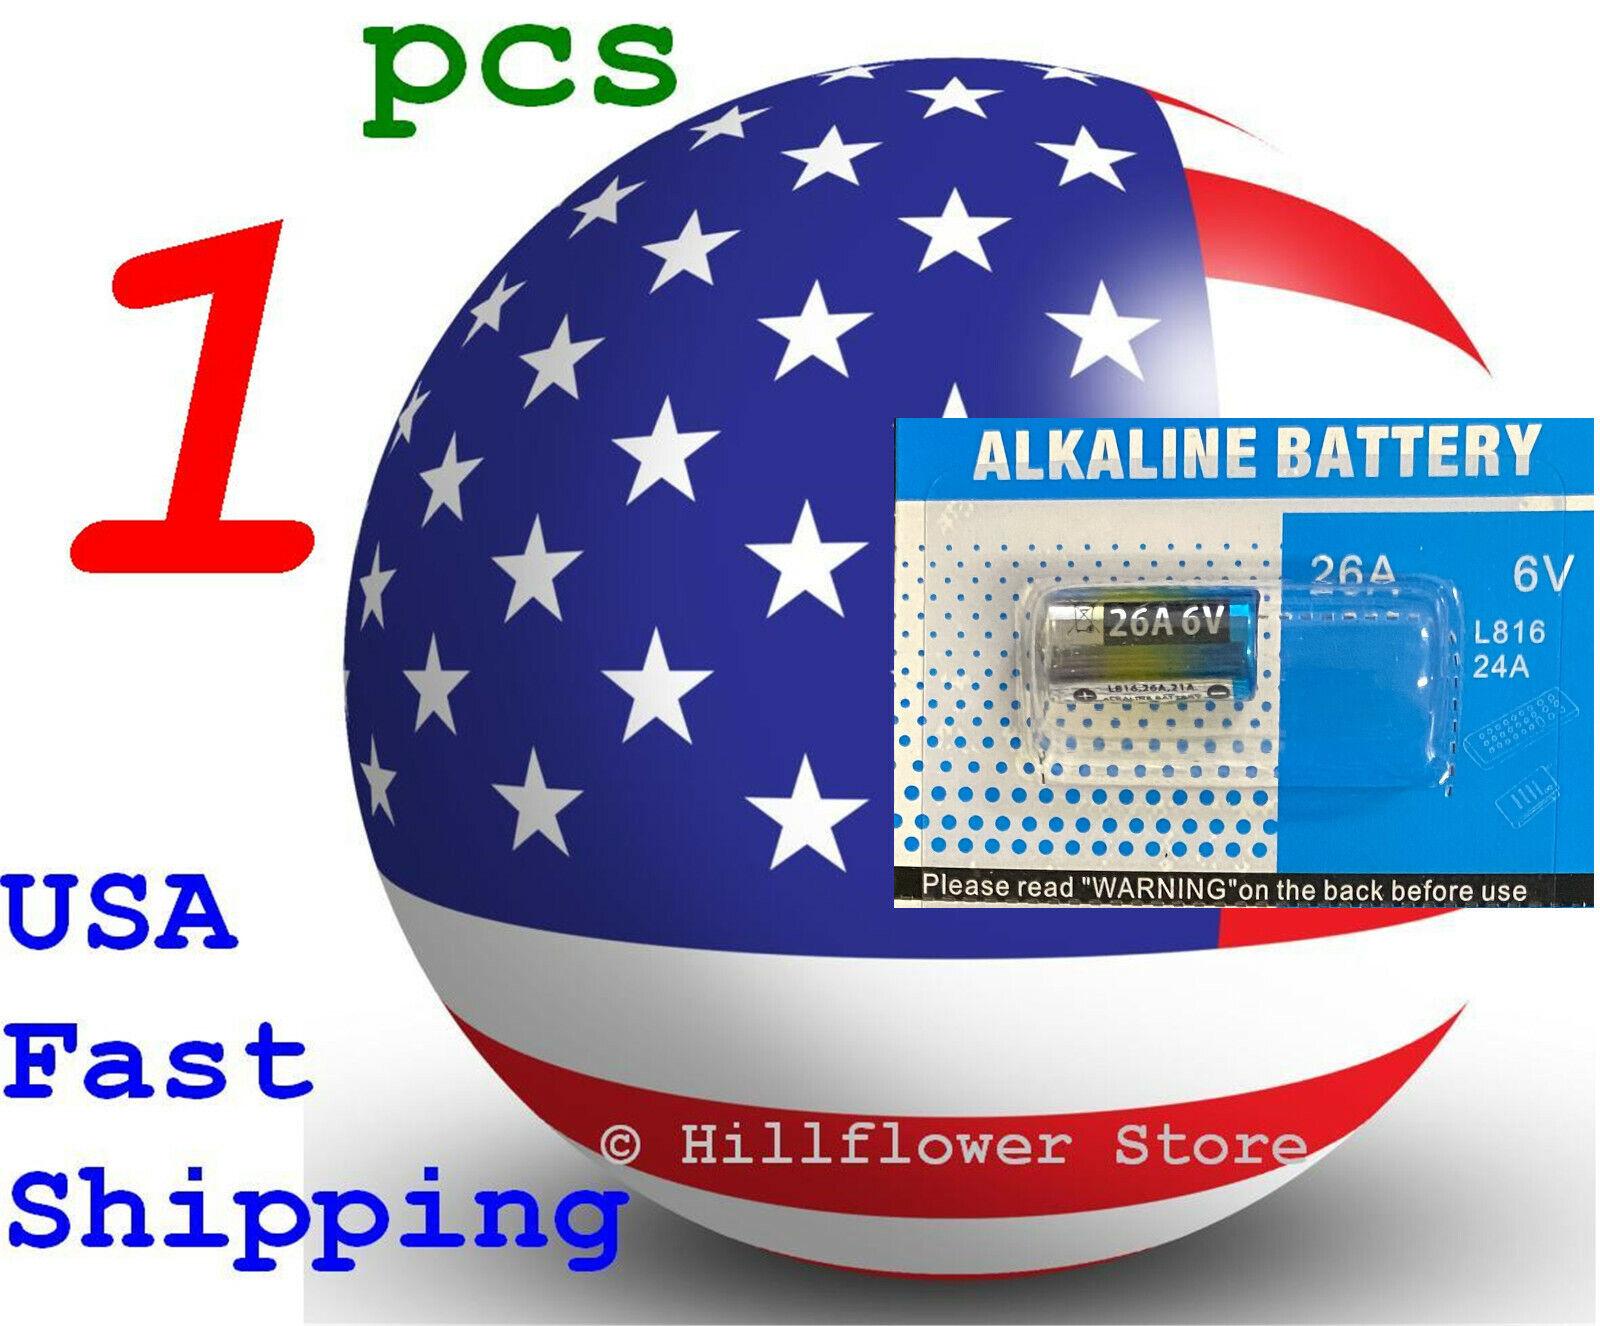 1 pcs 26A A26 L816 Card 6V Super High Power Alkaline Battery